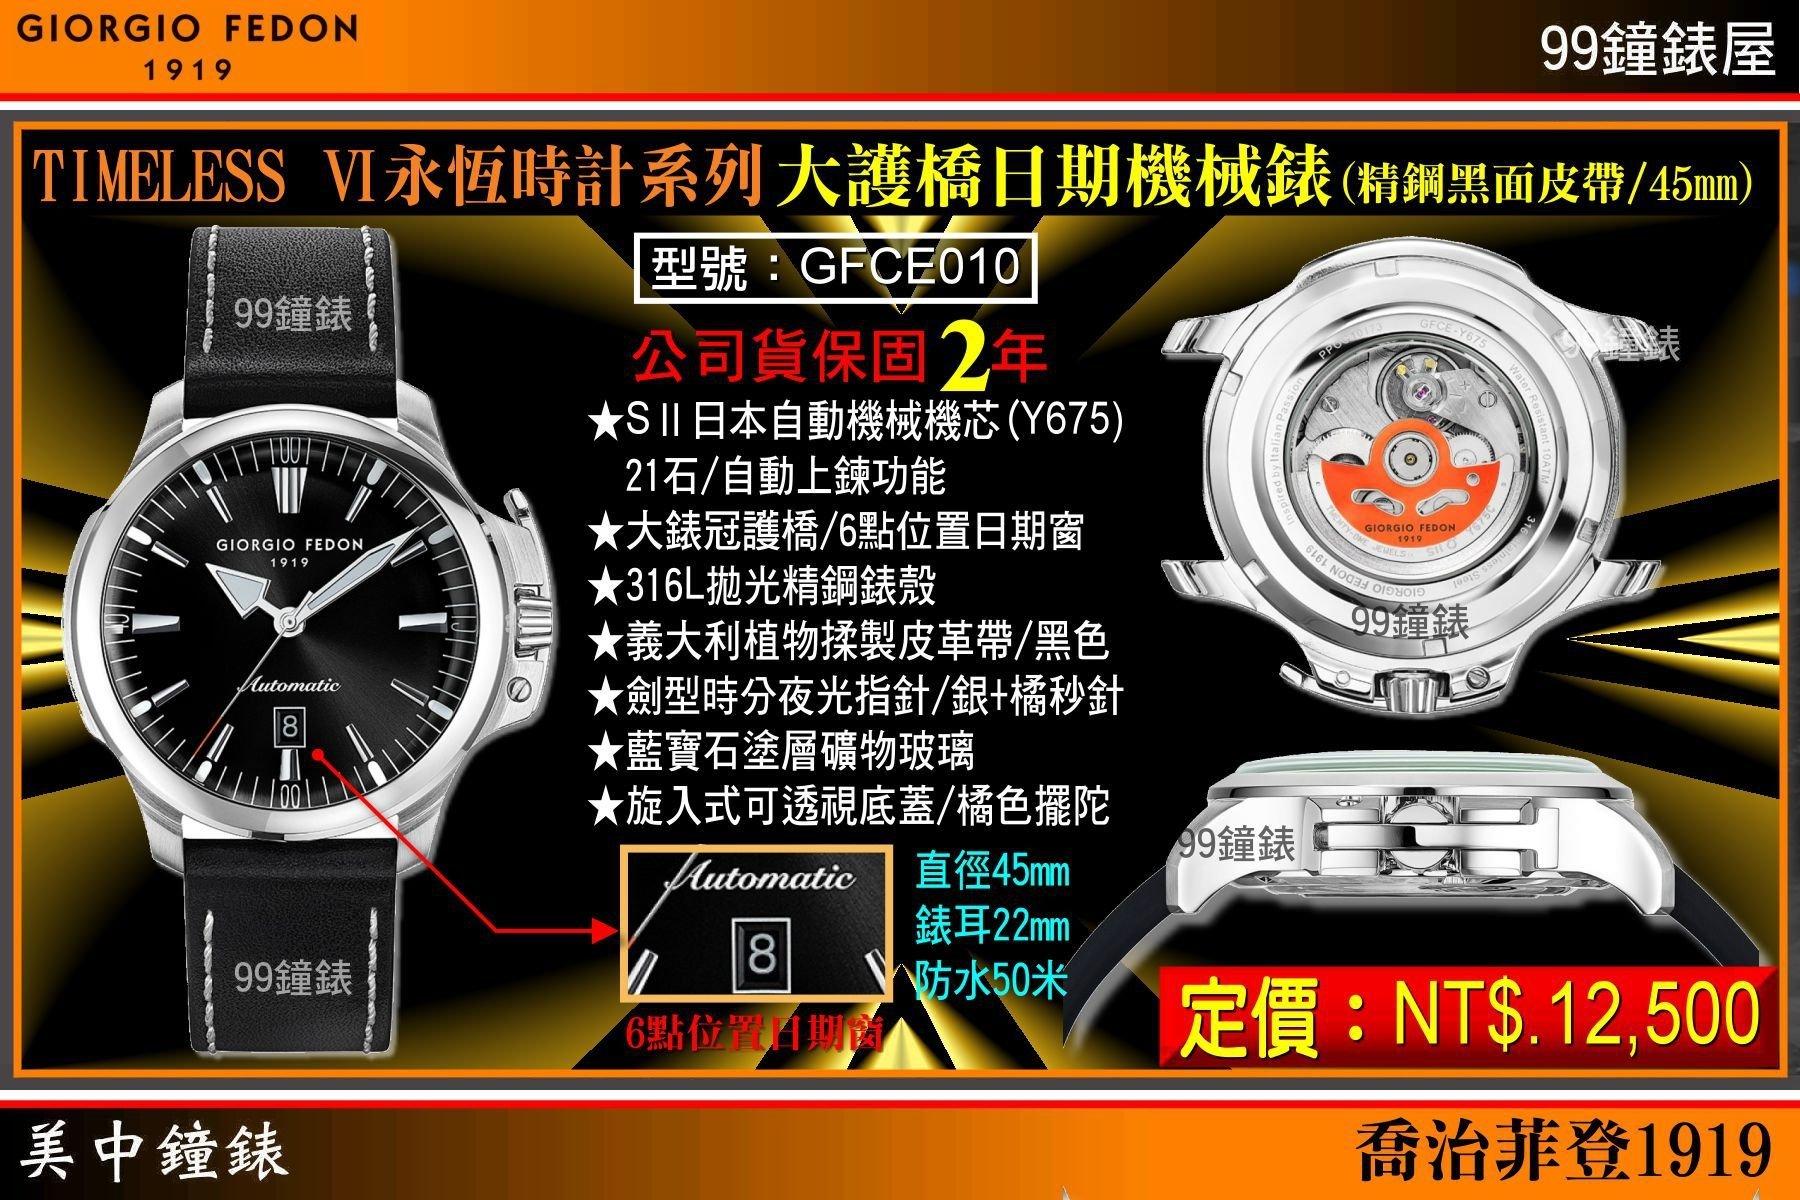 """【美中鐘錶】GIORGIO FEDON""""永恆時計機械 VI""""系列大護橋日期機械腕錶(銀框黑面/45mm)GFCE010"""